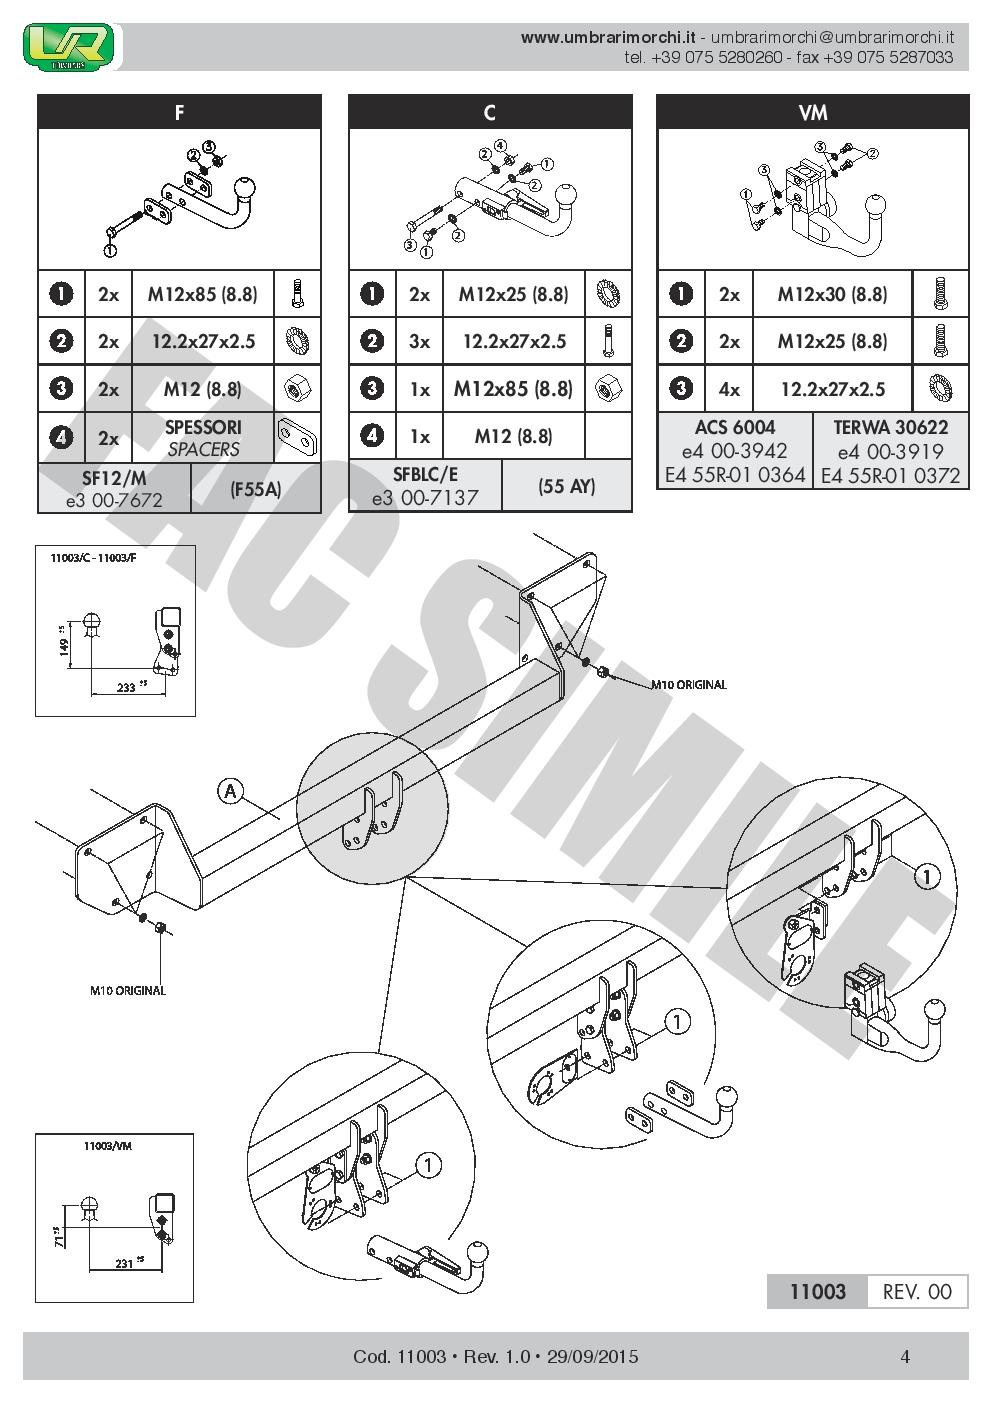 Attelage Démont 7Br relais pour Mini Countryman R60 Berline 3-5p 10-2016 11003B1